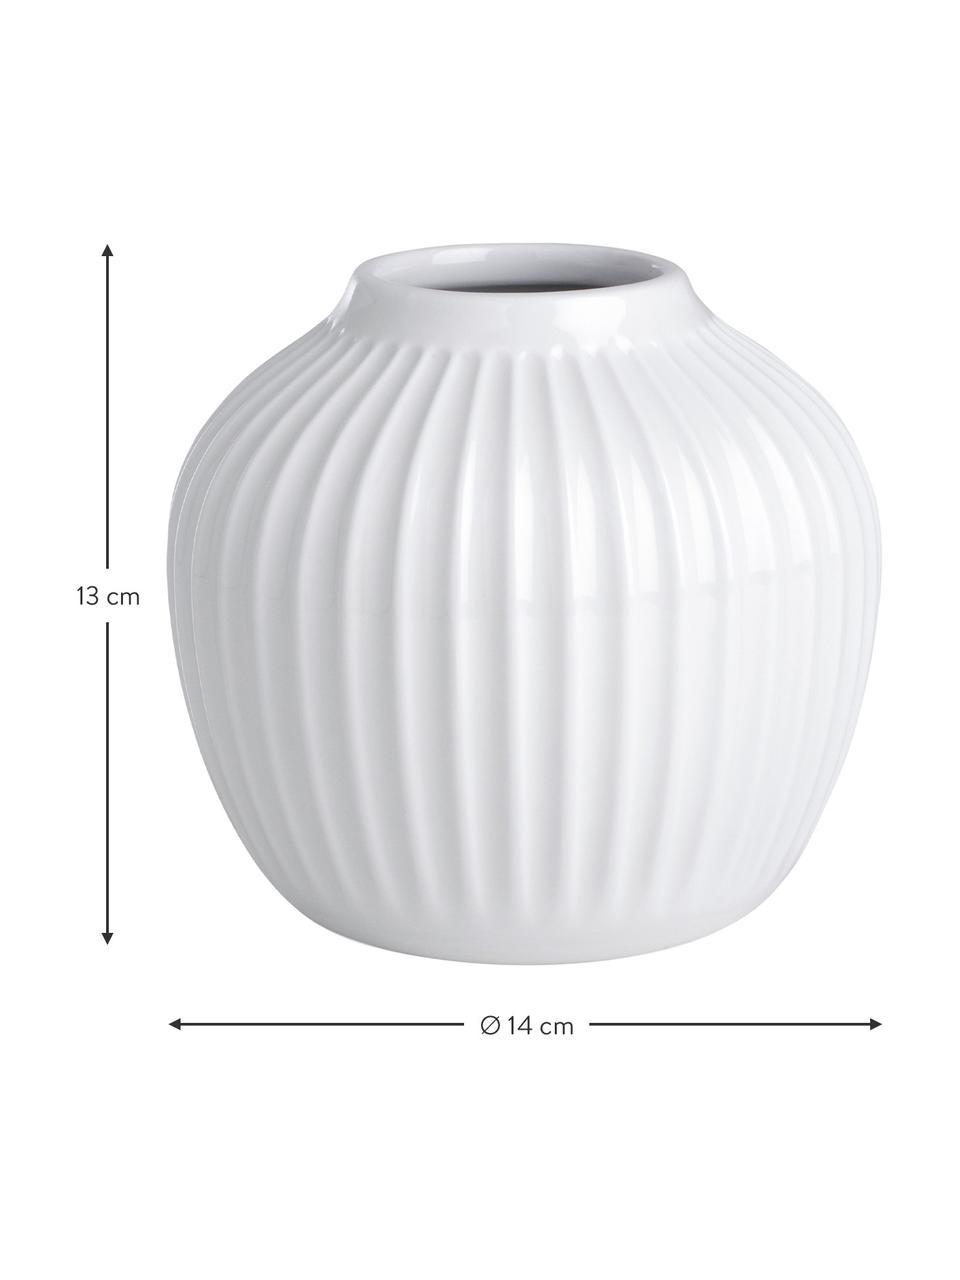 Handgemaakte design vaas Hammershøi, Porselein, Wit, Ø 14 x H 13 cm